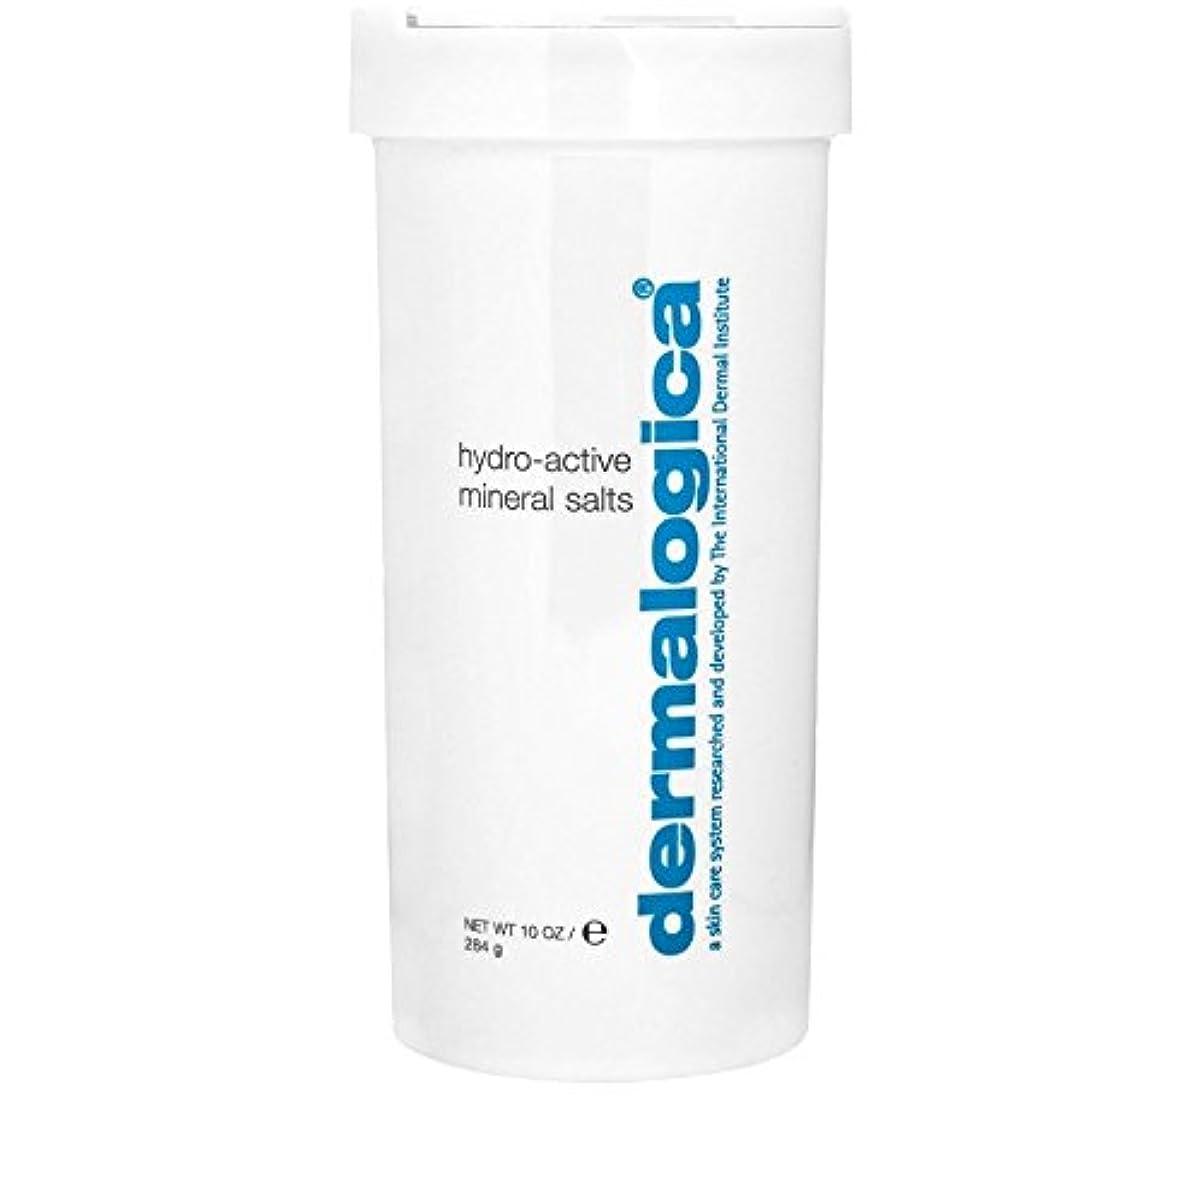 スピンちょっと待ってプレゼンテーションDermalogica Hydro Active Mineral Salt 284g (Pack of 6) - ダーマロジカ水力アクティブミネラル塩284グラム x6 [並行輸入品]